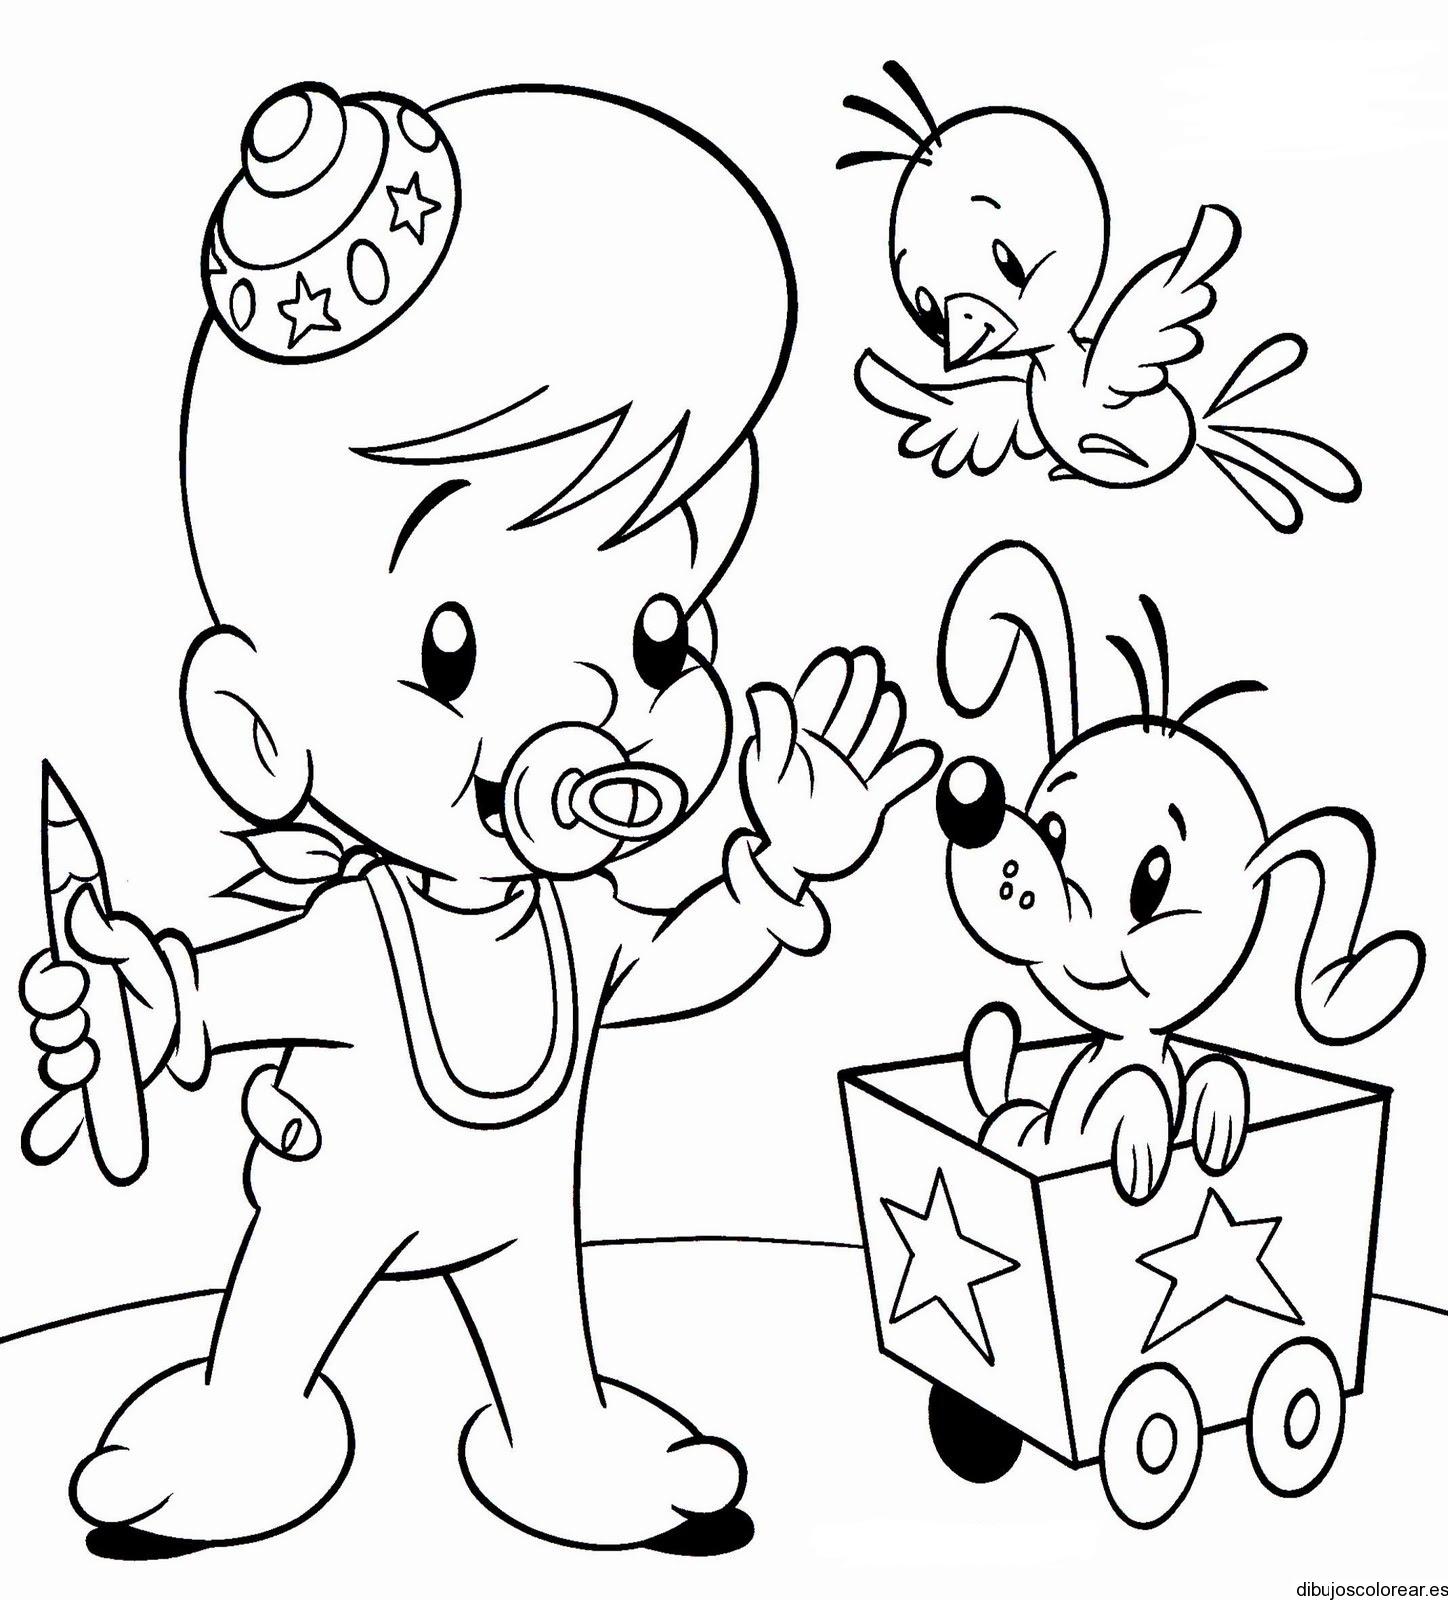 Dibujo De Un Bebe Con Perro Y Un Canario